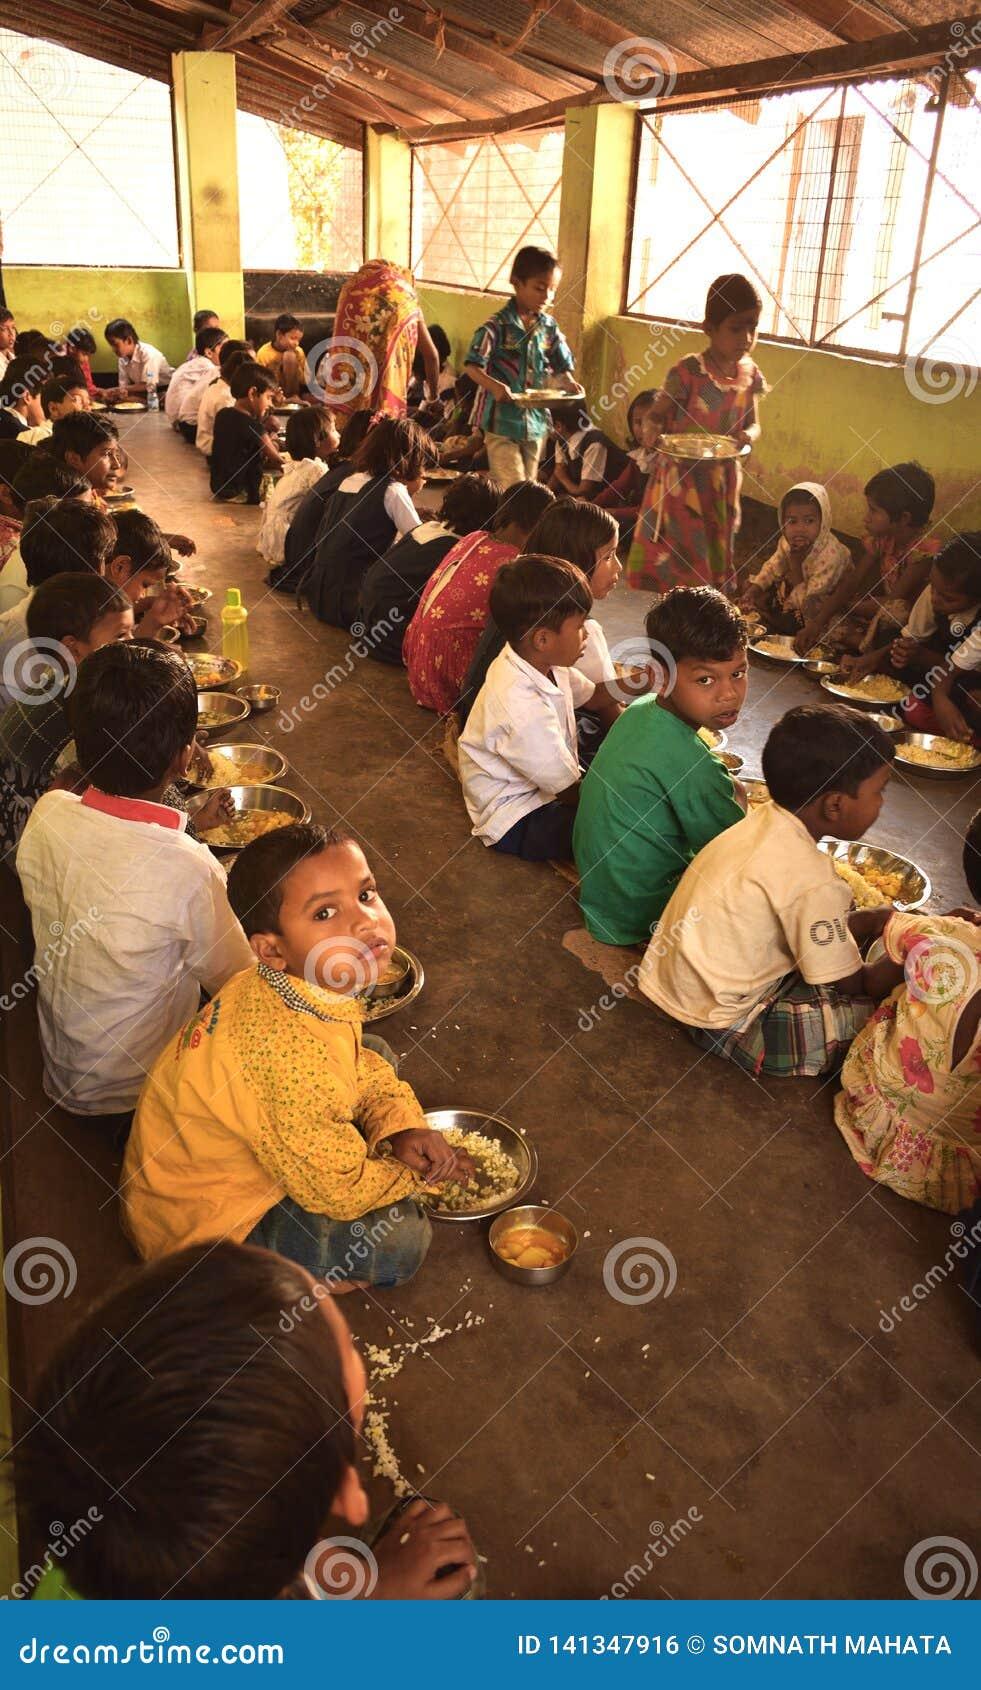 Mittleres Tagesmahlzeitprogramm, in einer Initiative der indischen Regierung, läuft in eine Grundschule Schüler nehmen ihre Mahlz